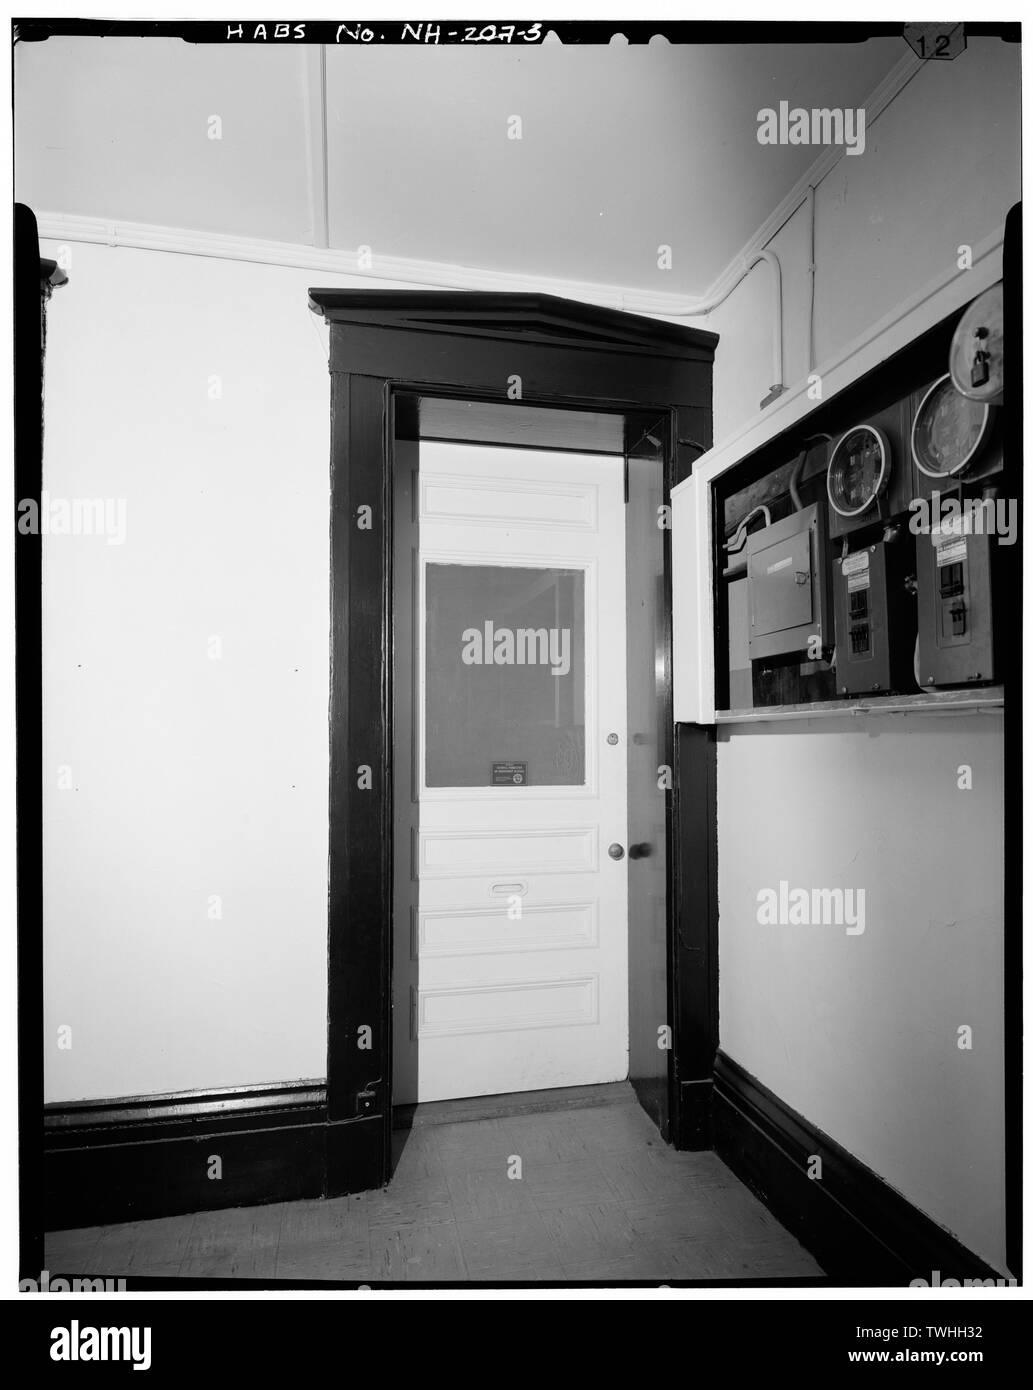 SECOND FLOOR, DETAIL, SOUTHWEST OFFICE DOOR, LOOKING SOUTH - Merchants' Exchange Block, 94-102 North Main Street, Concord, Merrimack County, NH - Stock Image